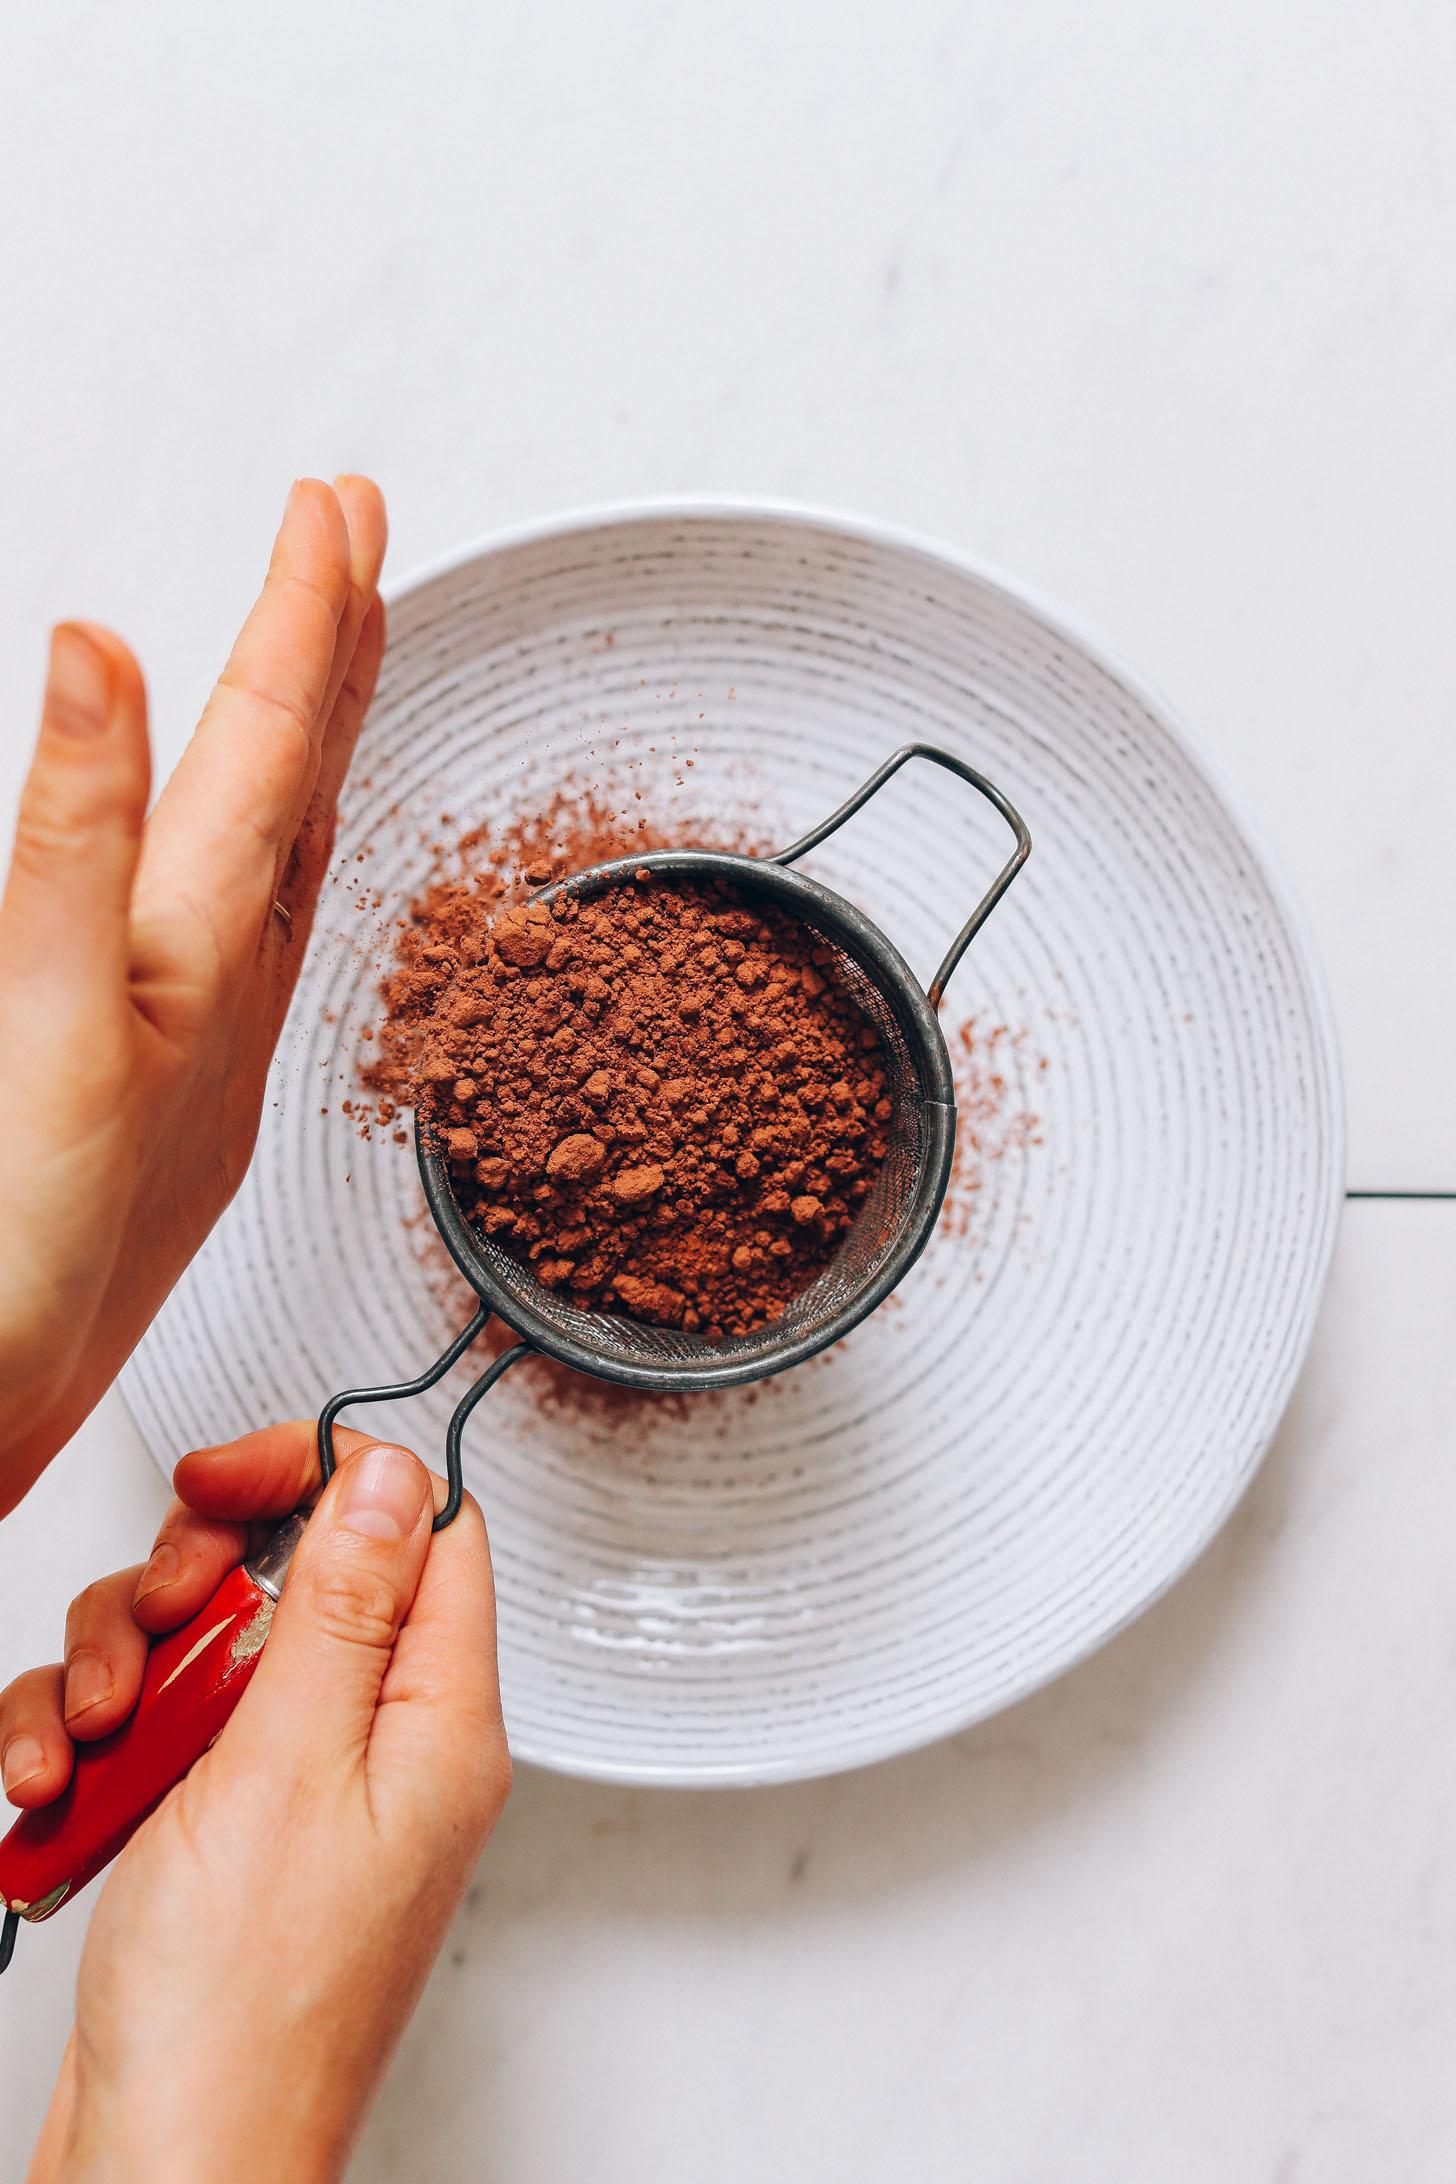 Usando un colador de malla fina para tamizar el polvo de cacao en un tazón